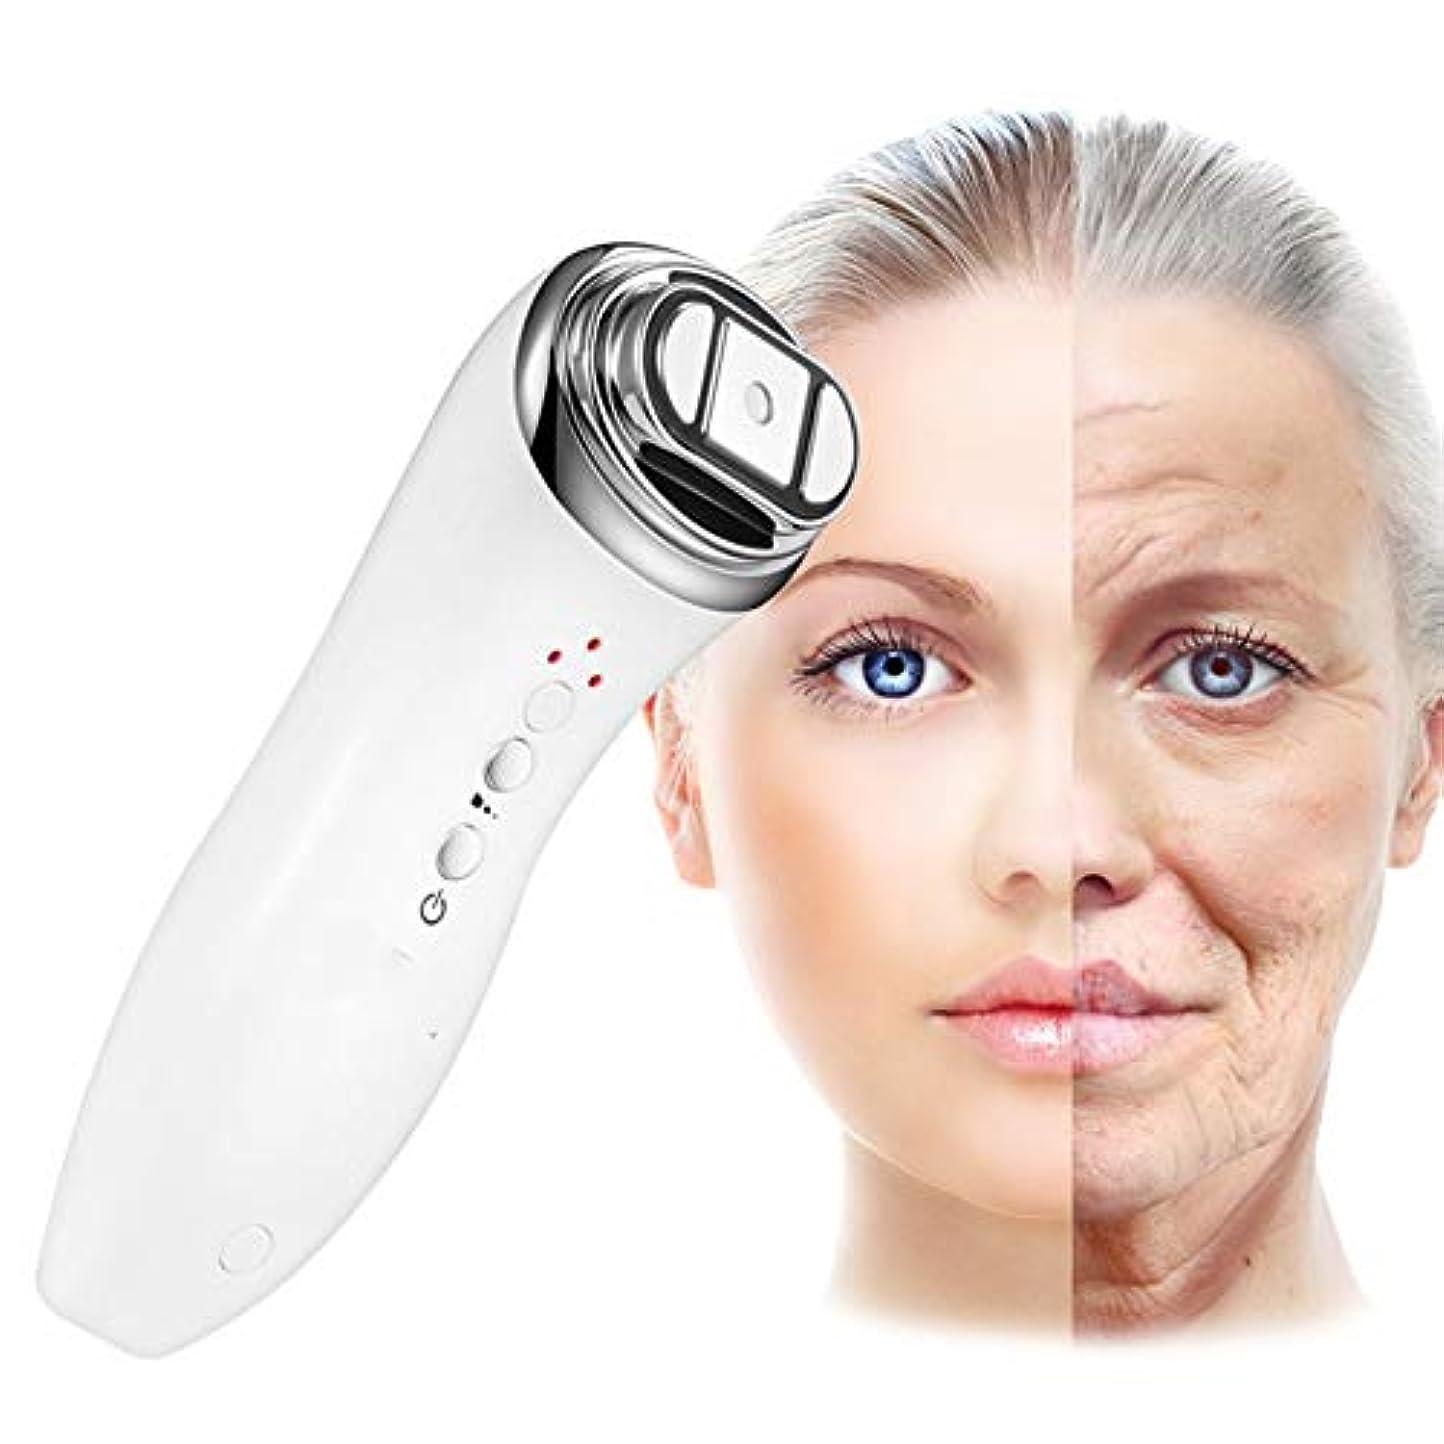 宴会憧れスキャンダルガルバニックMicrocurrentフェイスリフトマシン - デバイスを引き締める顔の皮膚 - 顔と首のアンチエイジングマッサージツール